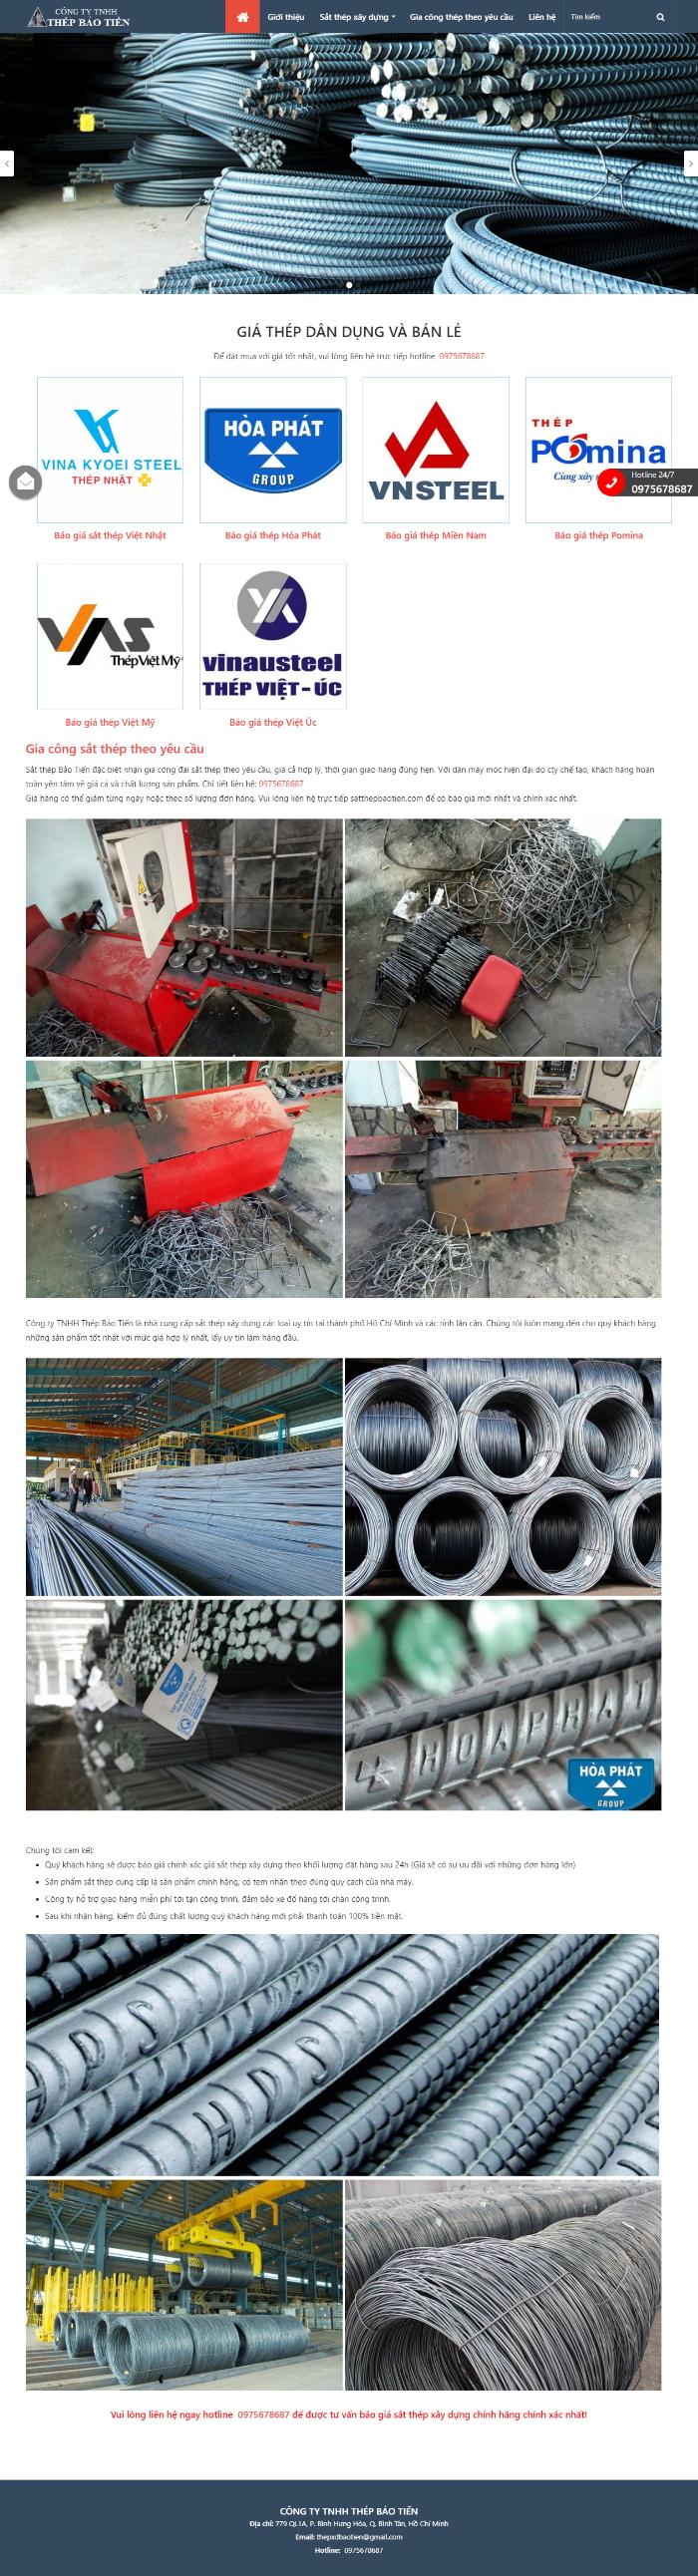 Thiết kế trang website sắt thép, vật liệu xây dựng, cát, đá, xi măng